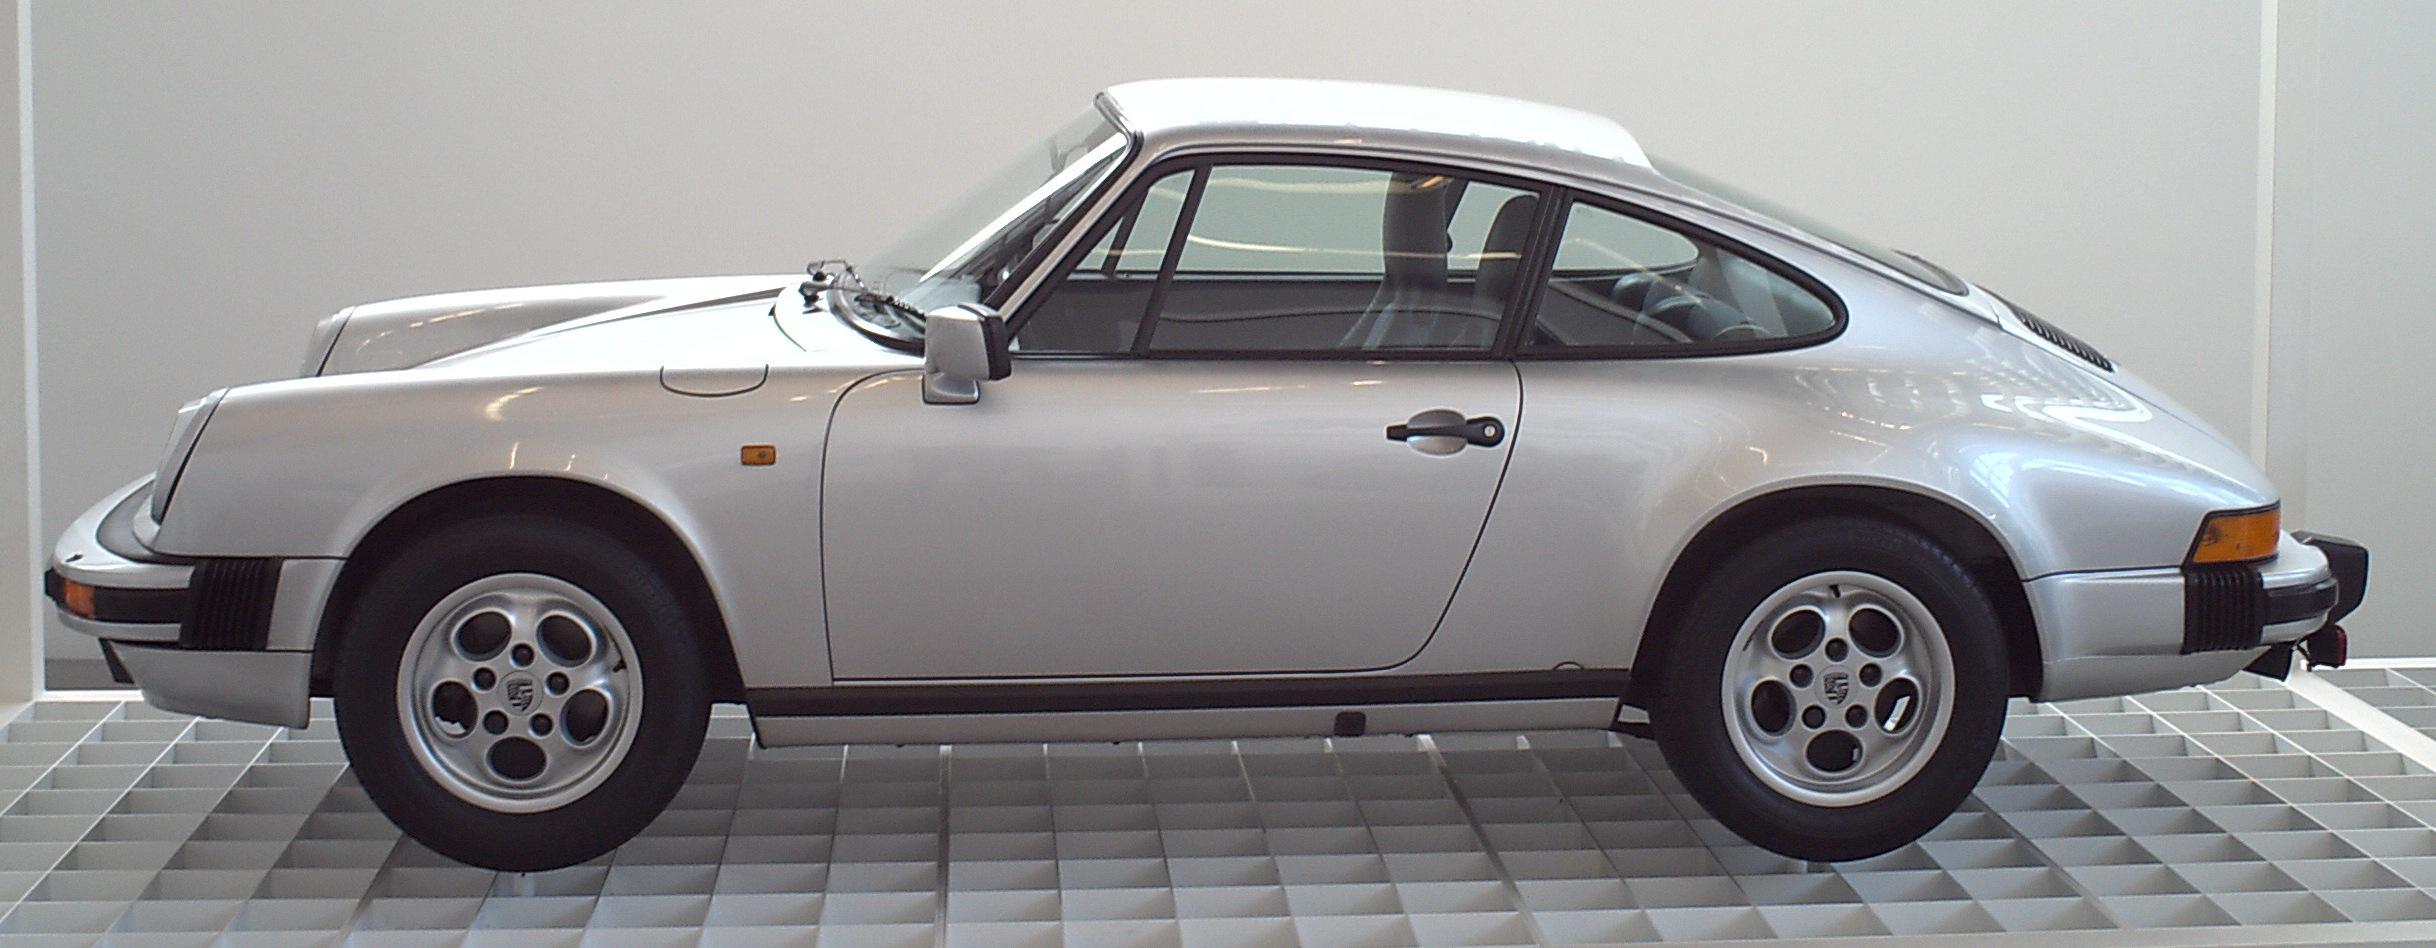 1986 Porsche 911 SC